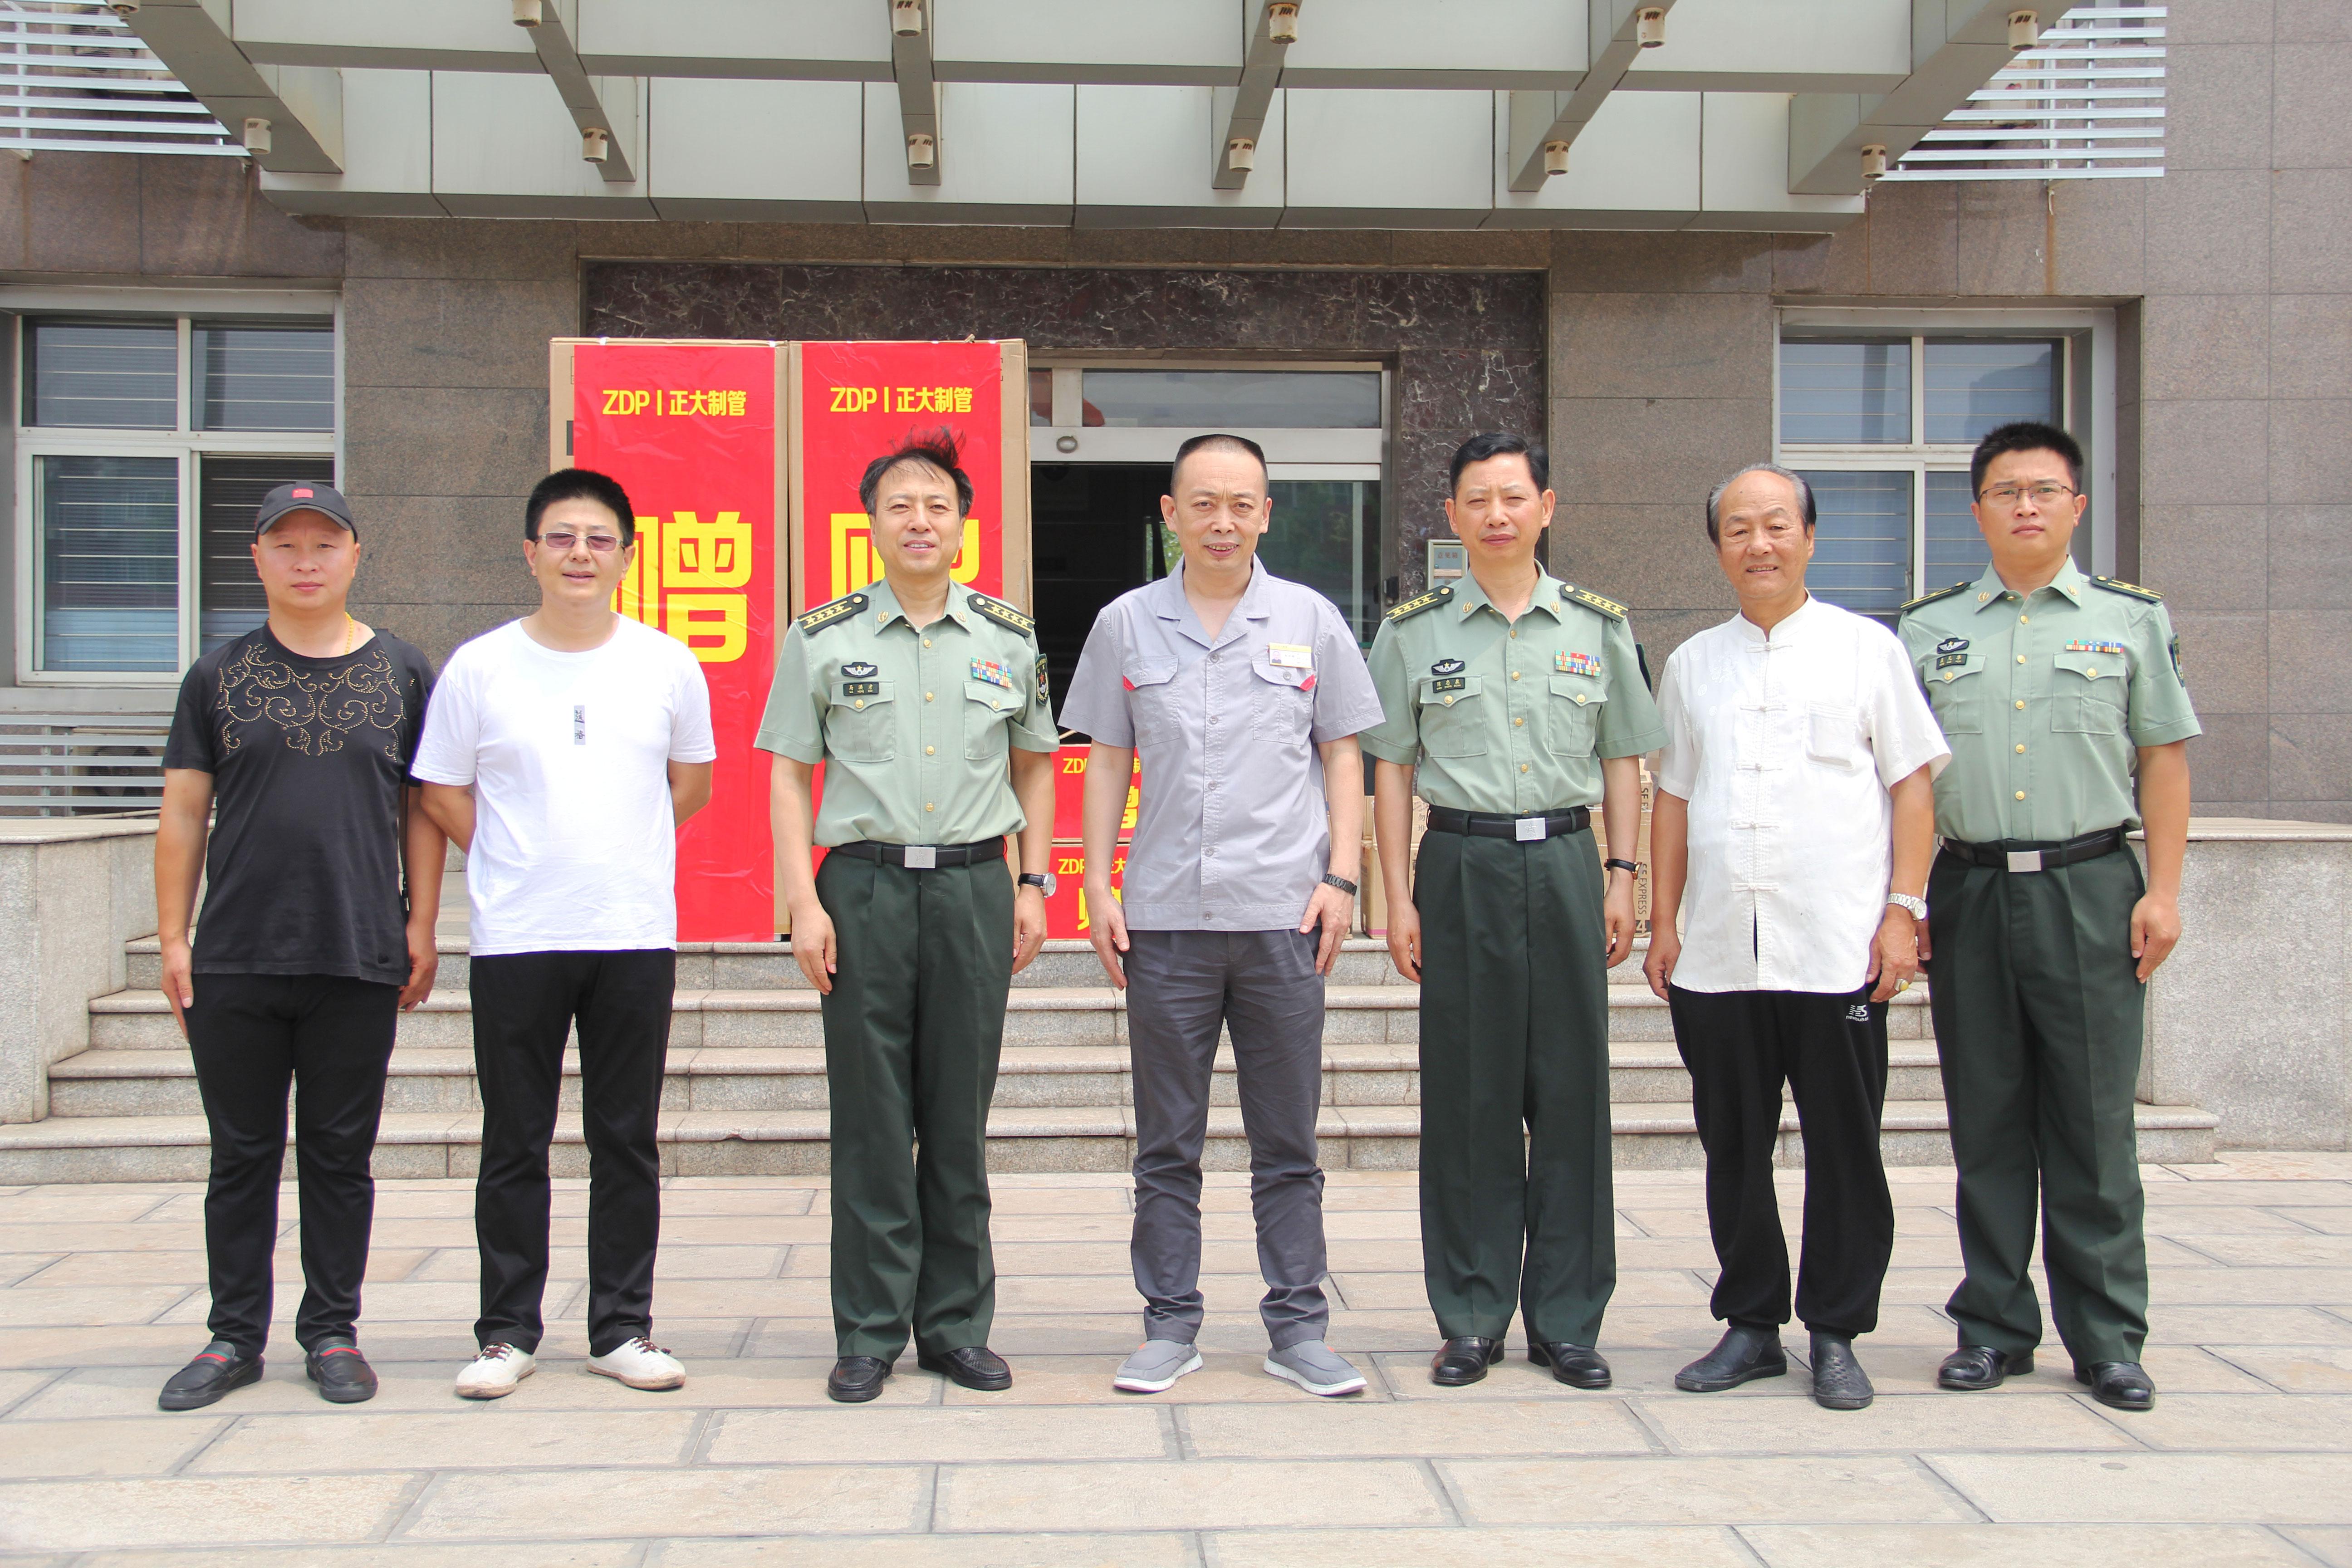 亚搏体育app网站制管总裁张洪顺走访慰问驻地部队